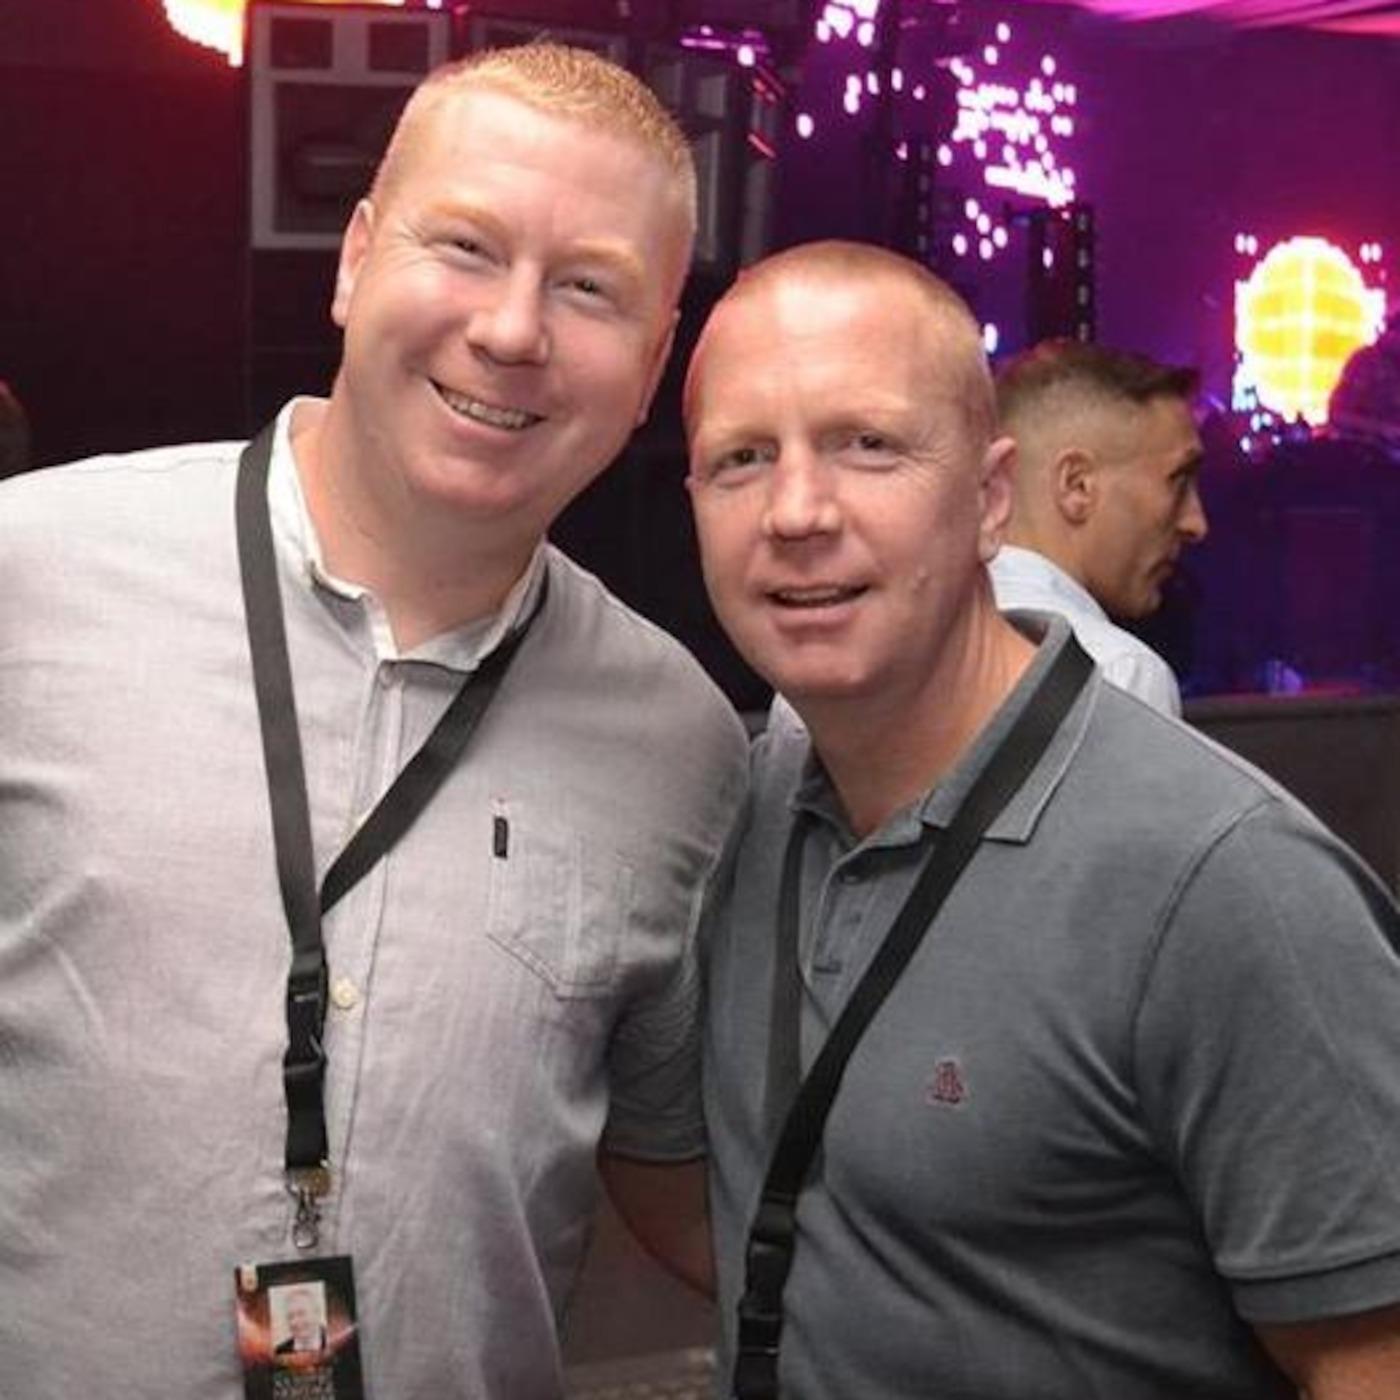 04 09 19 DJ ROSS MILLER AND DJ SCOTT MILLER BK2BK ON FUNKY